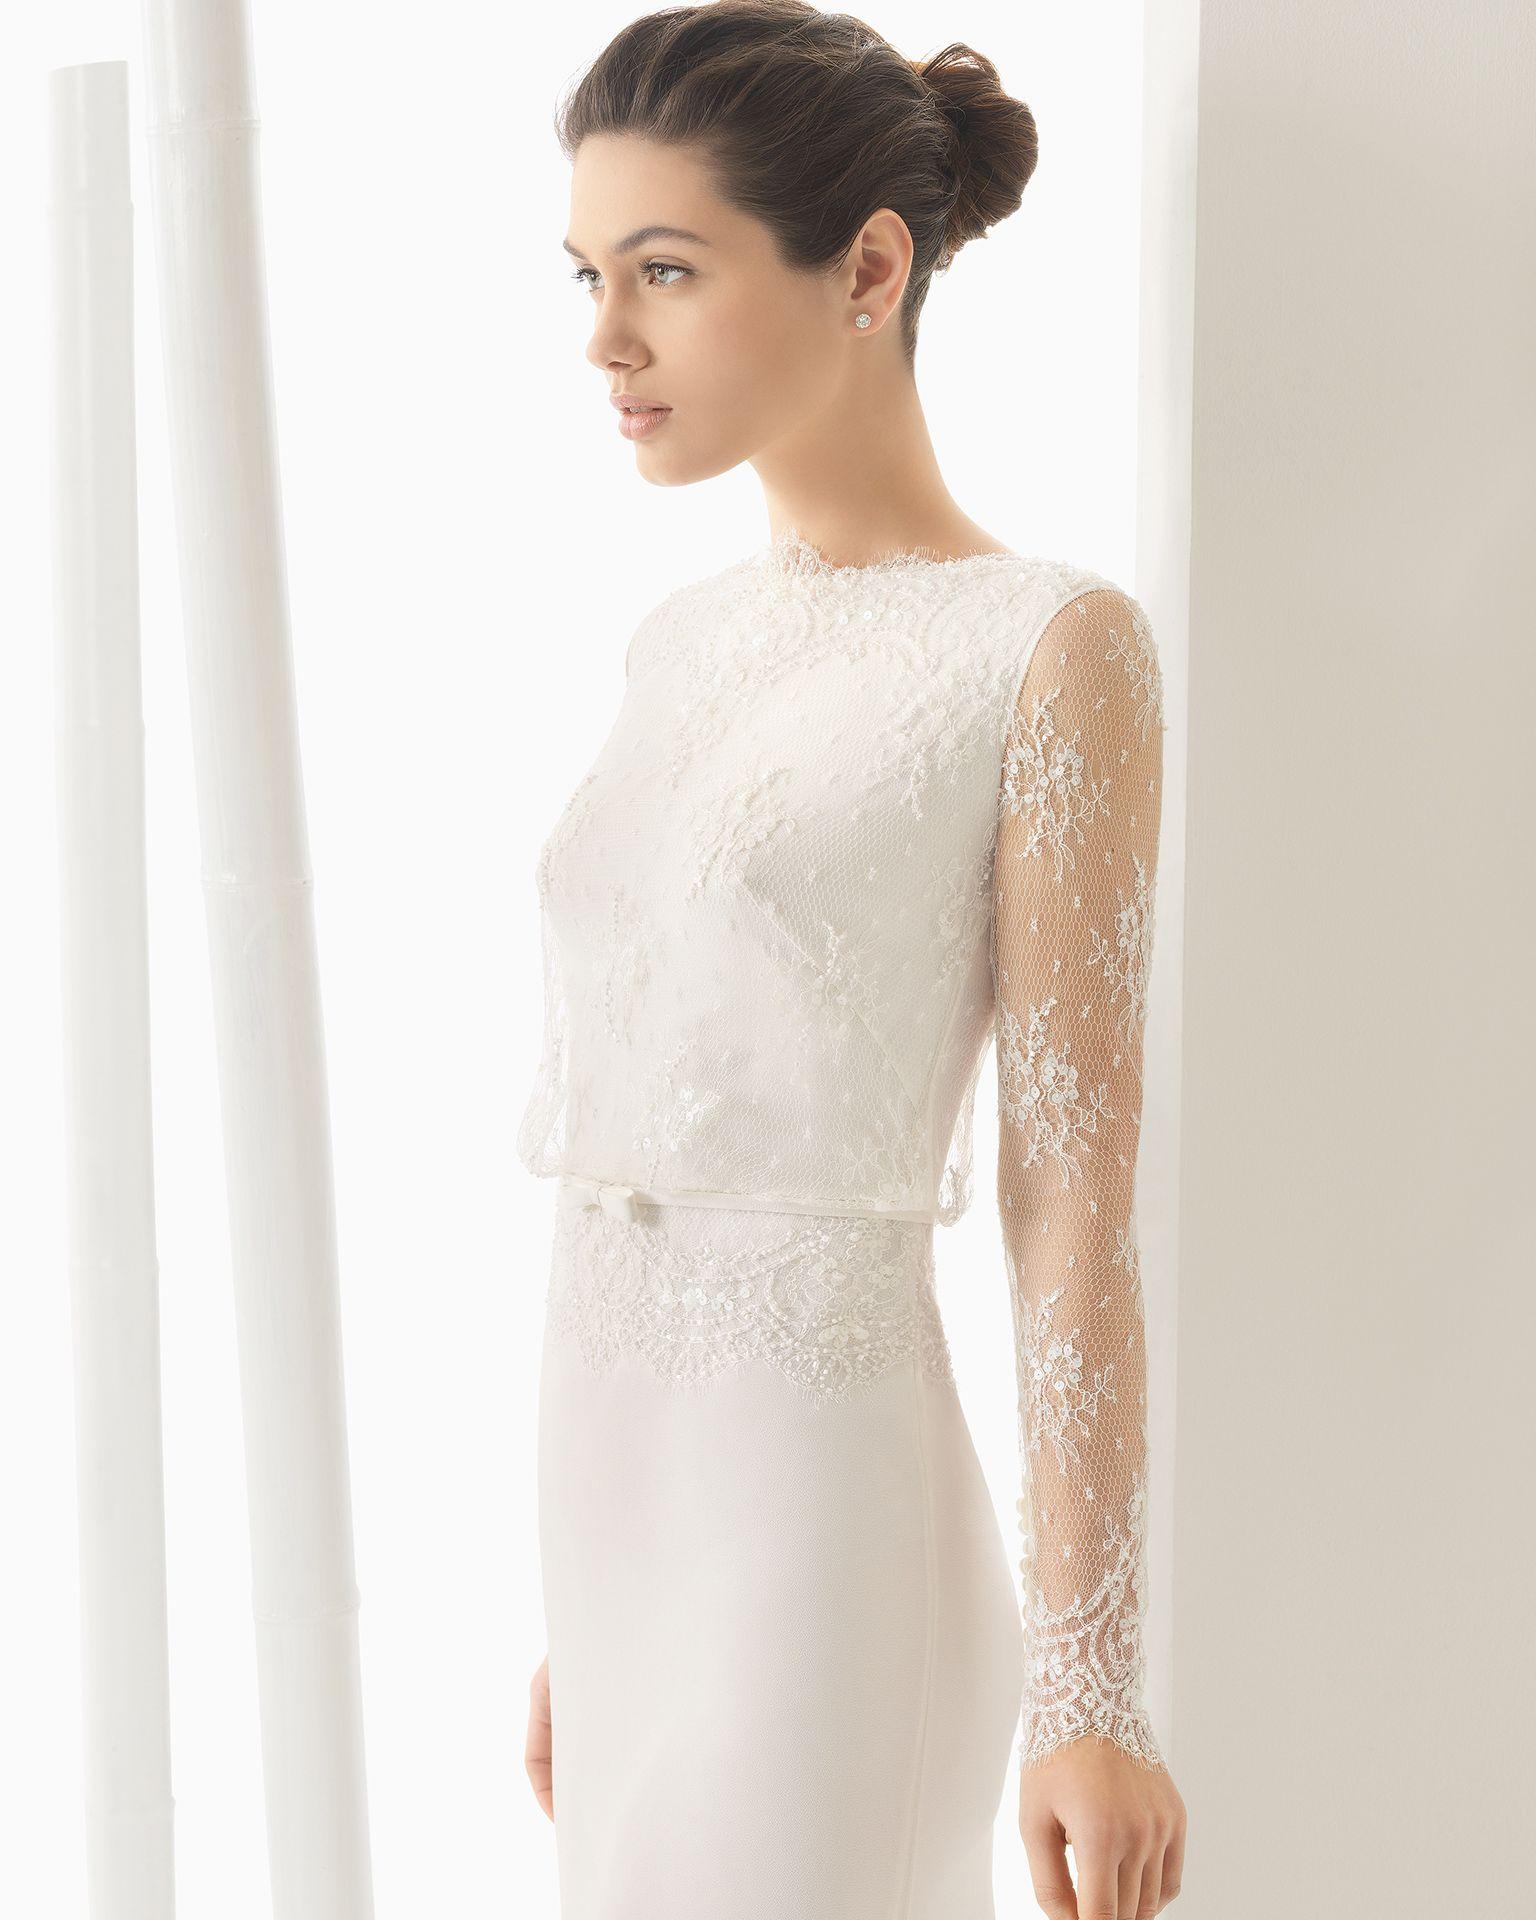 Hochzeitskleid aus Georgette und Strass besetzter Chantilly-Spitze ...